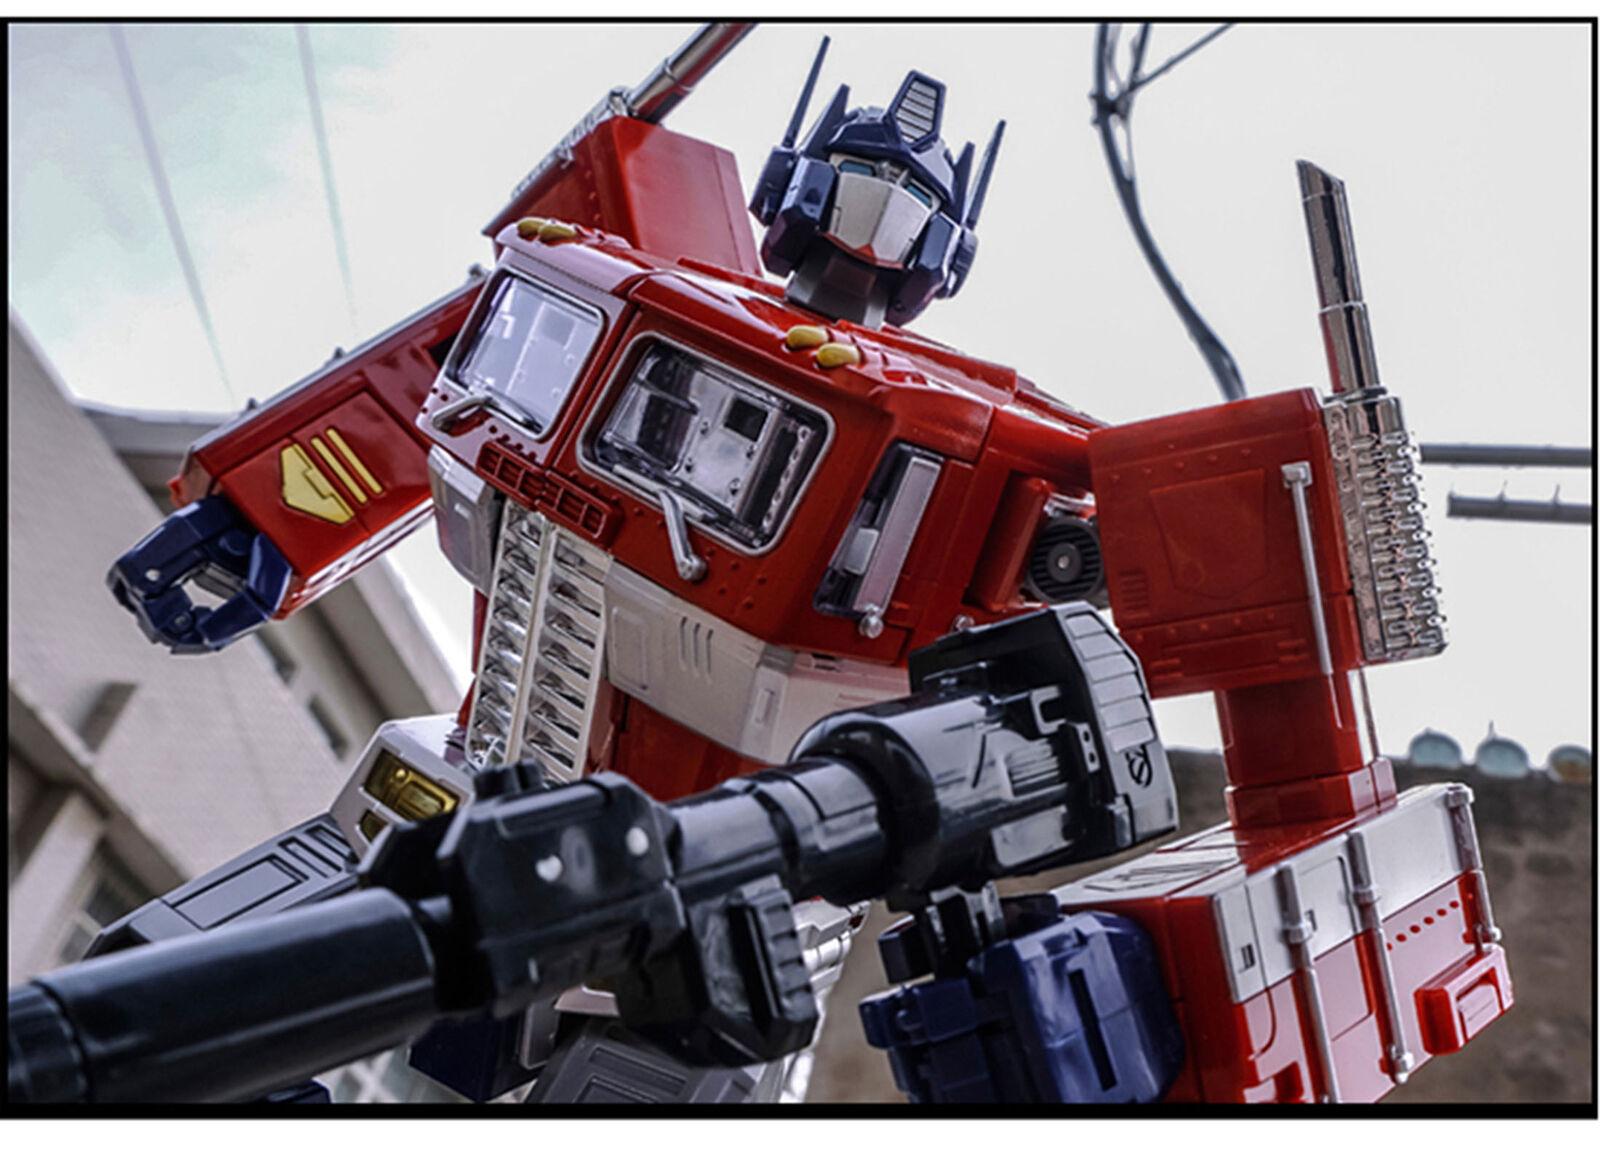 Transformers mpp10 weijiang Optimus Prime/mpp10 weijiang tráiler op Commander